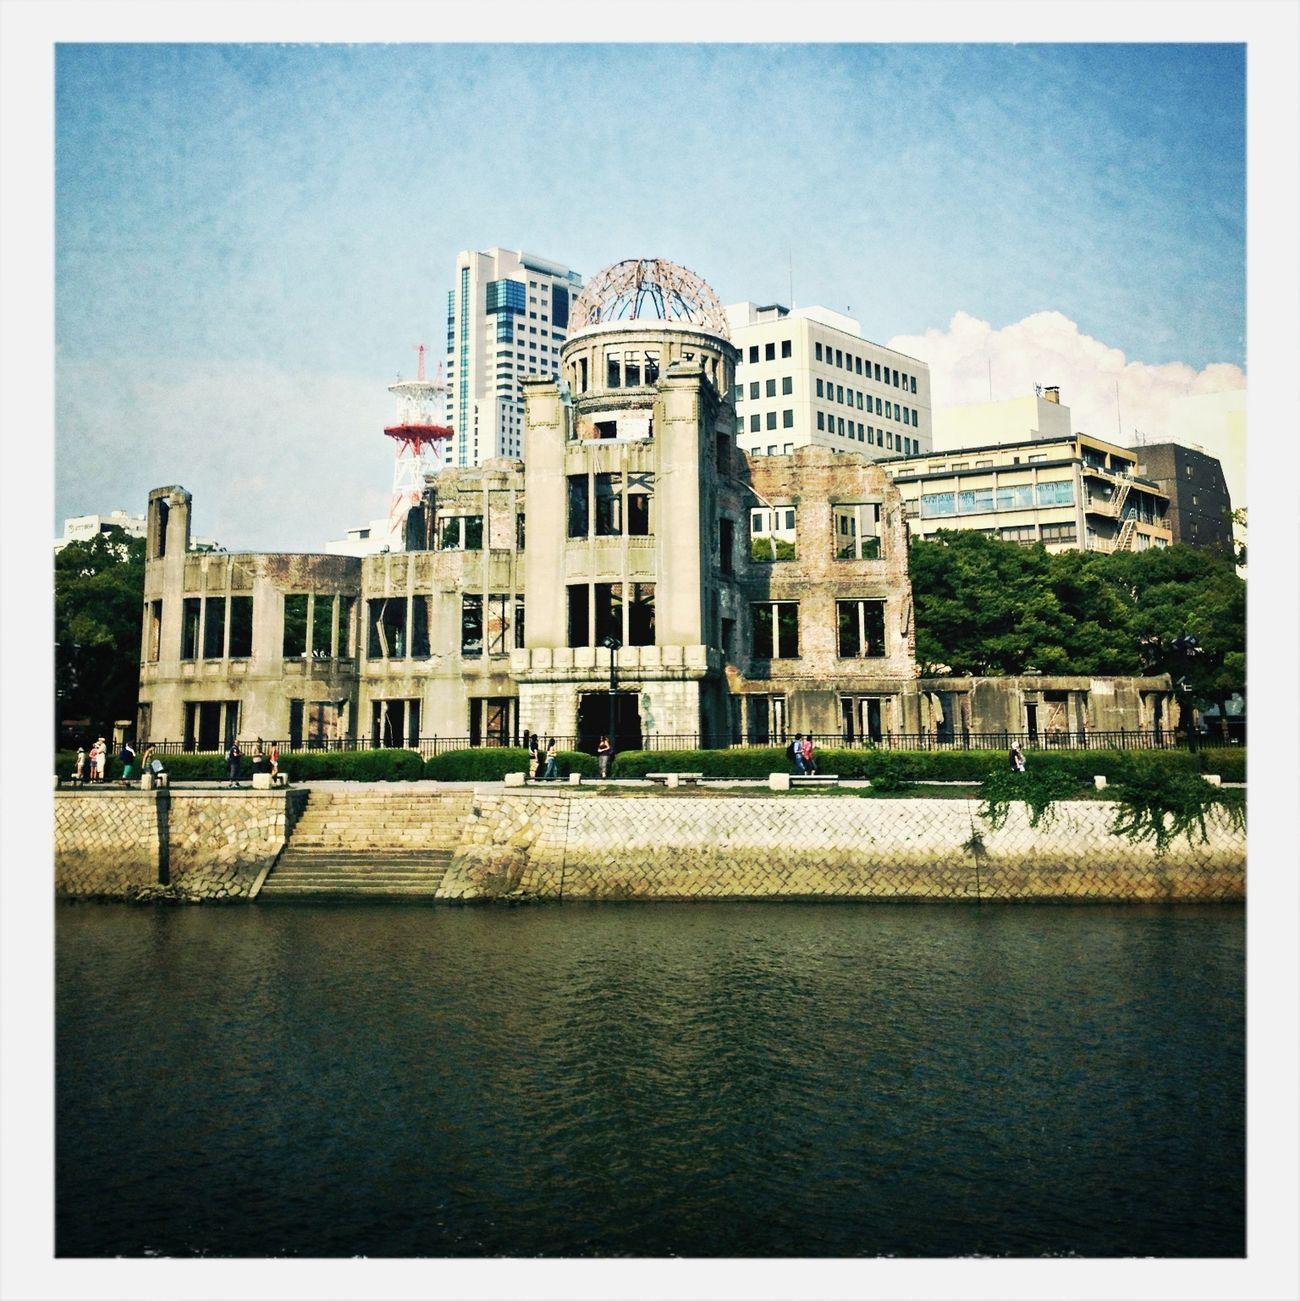 原爆ドーム。 平和記念公園